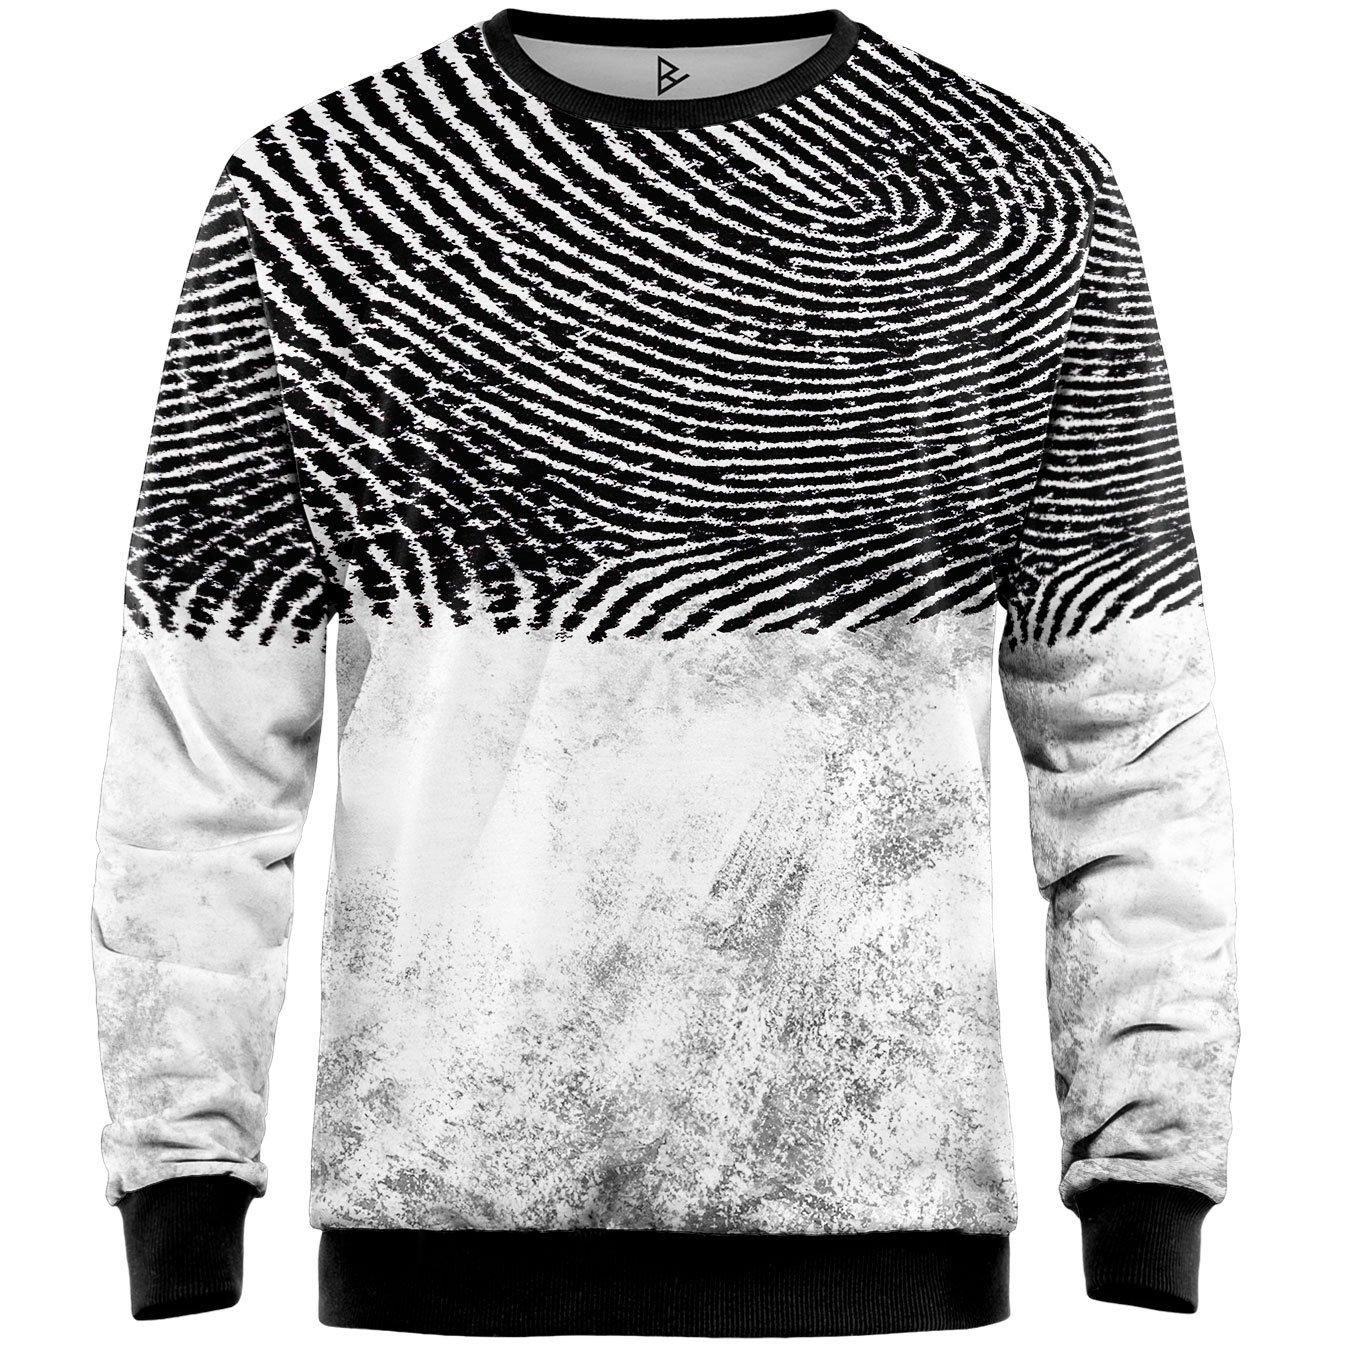 Blowhammer - Sweatshirt Herren - Fingerprint SWT